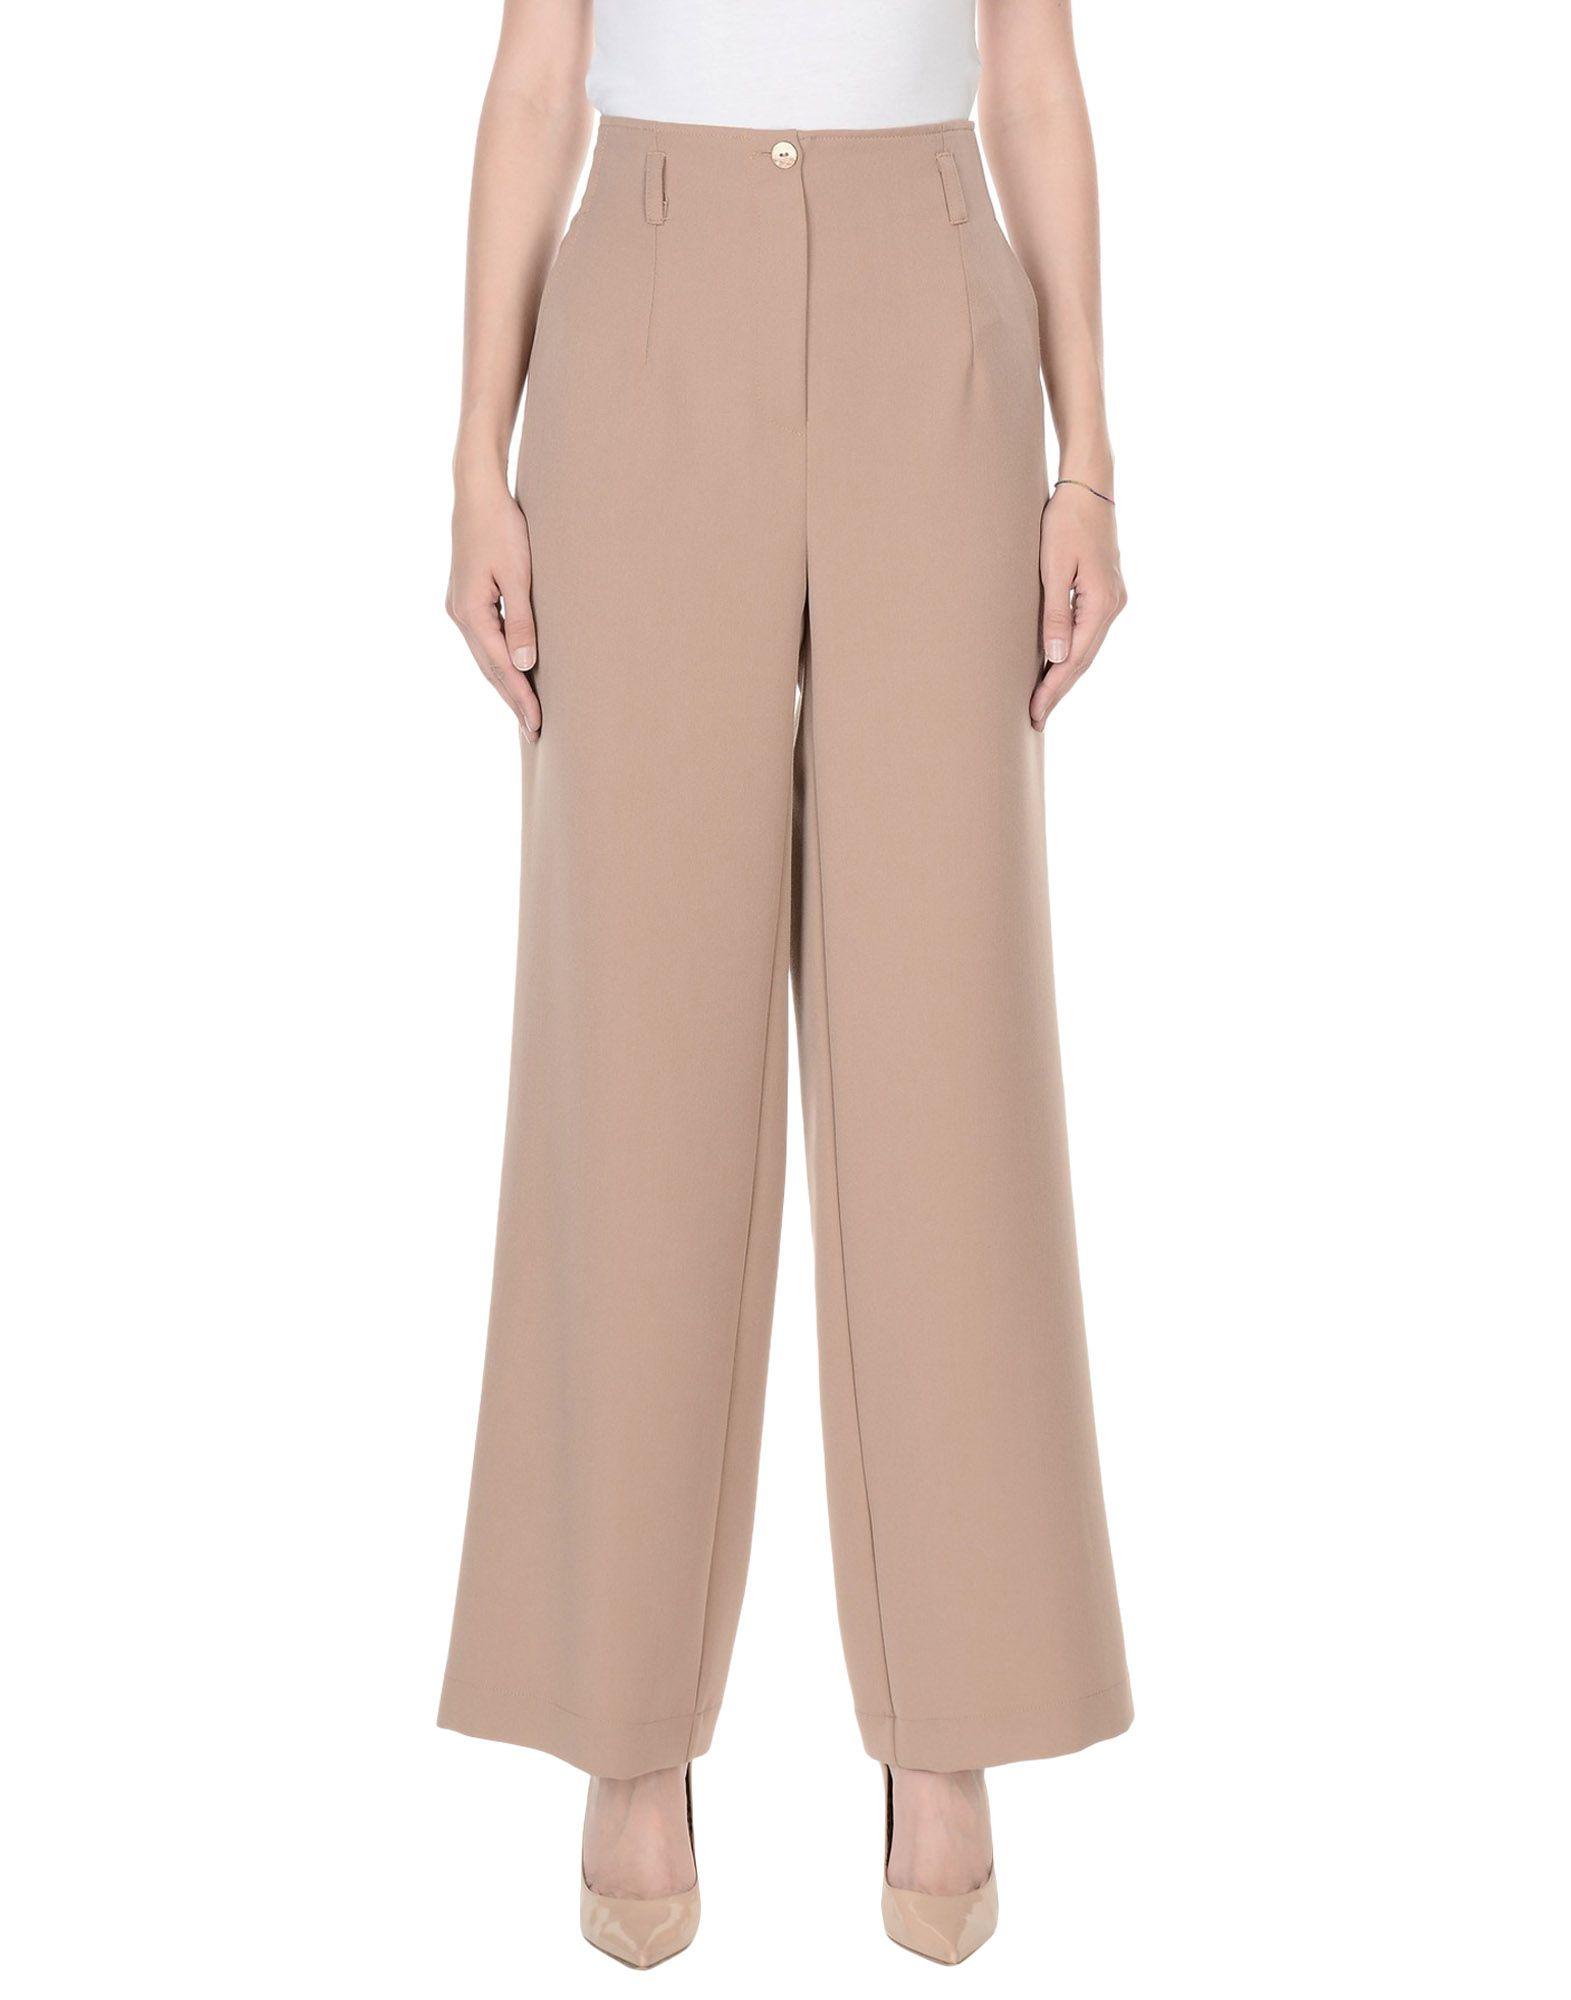 PAOLA PRATA Повседневные брюки paola prata футболка page 6